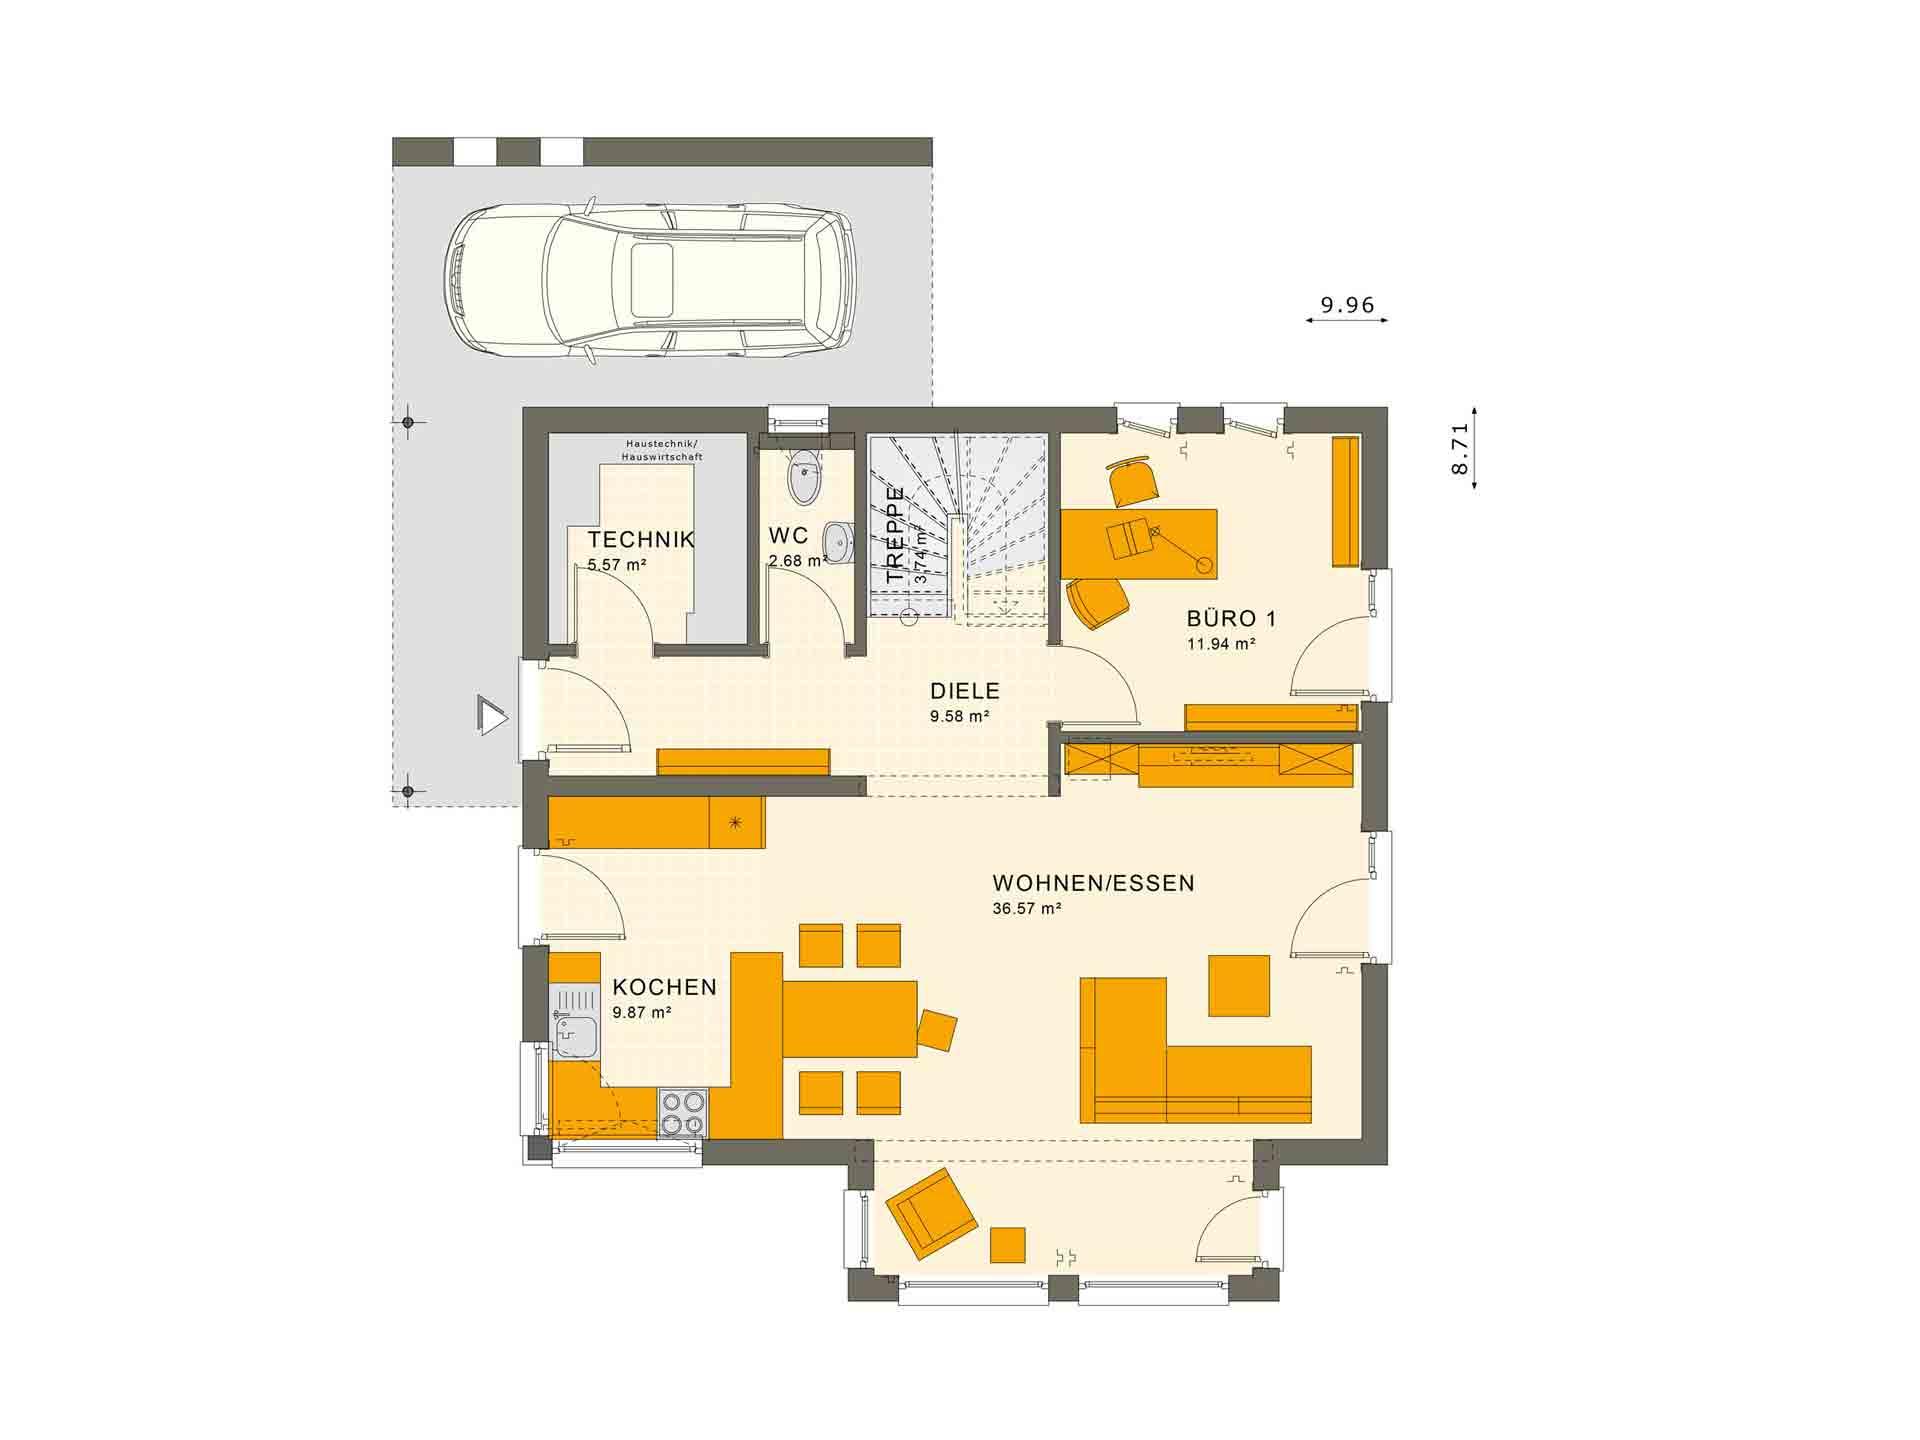 SUNSHINE 143 Mülheim-Kärlich - Eine Nahaufnahme von einer Karte - Gebäudeplan